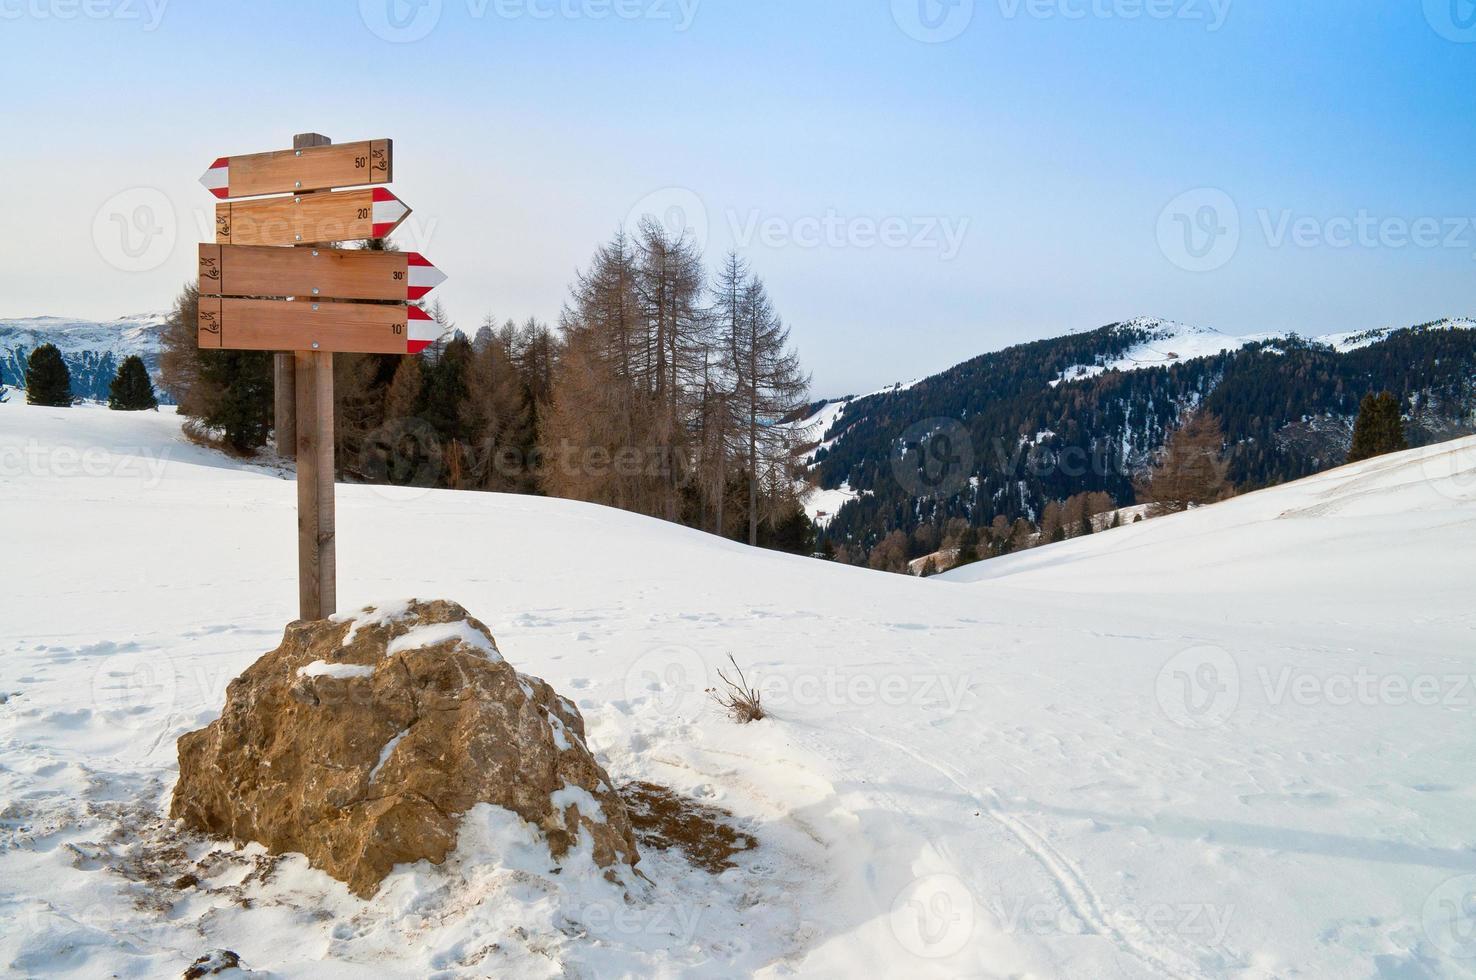 Wegweiser im Winter foto